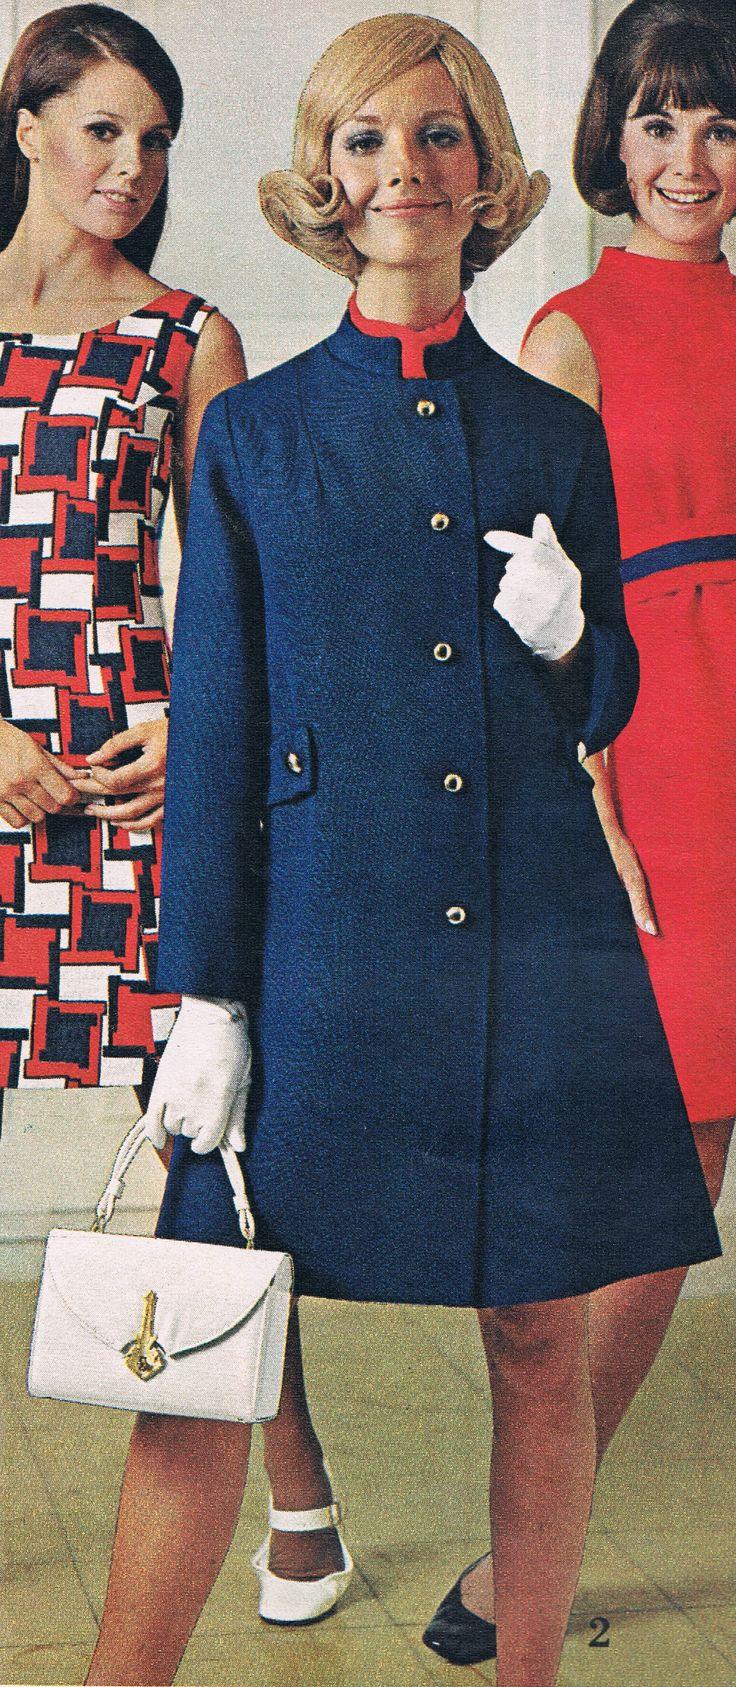 Spiegel 1969.  Cay Sanderson (in blue coat).